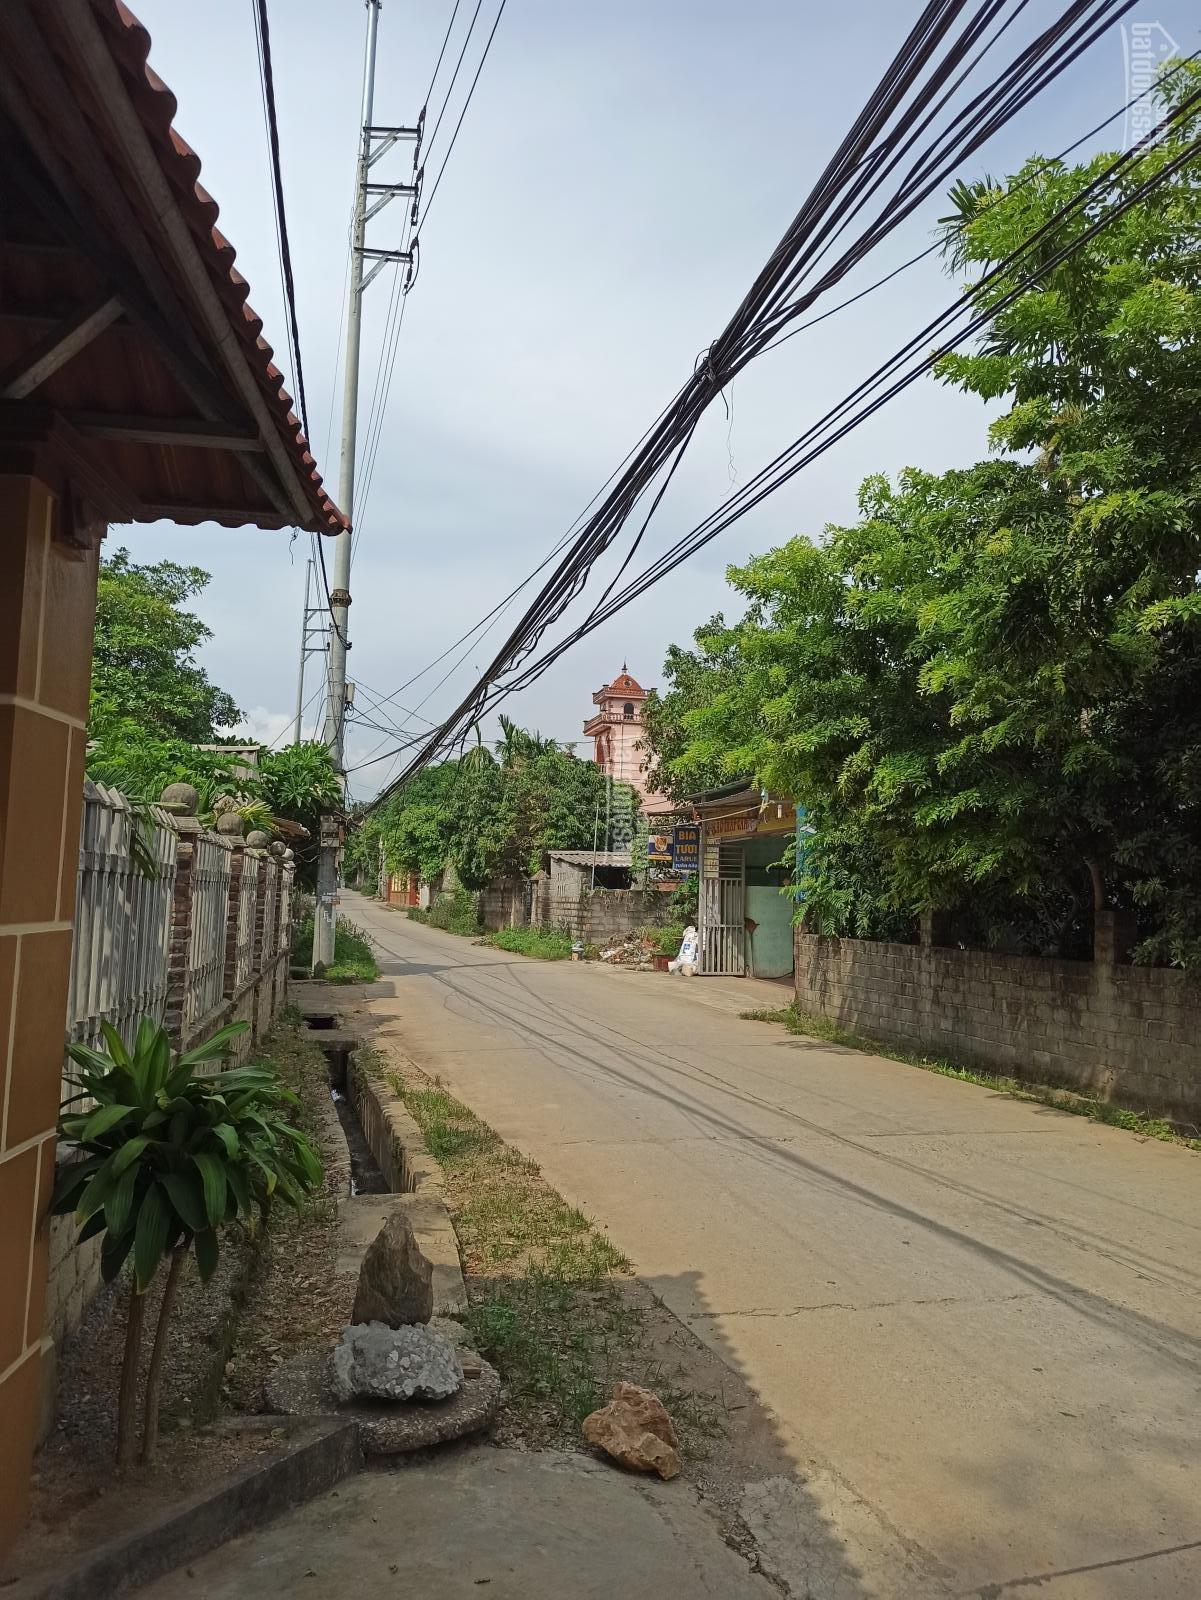 Kế hoạch sử dụng đất xã Tân Tiến, Chương Mỹ, Hà Nội năm 2021 - Ảnh 1.